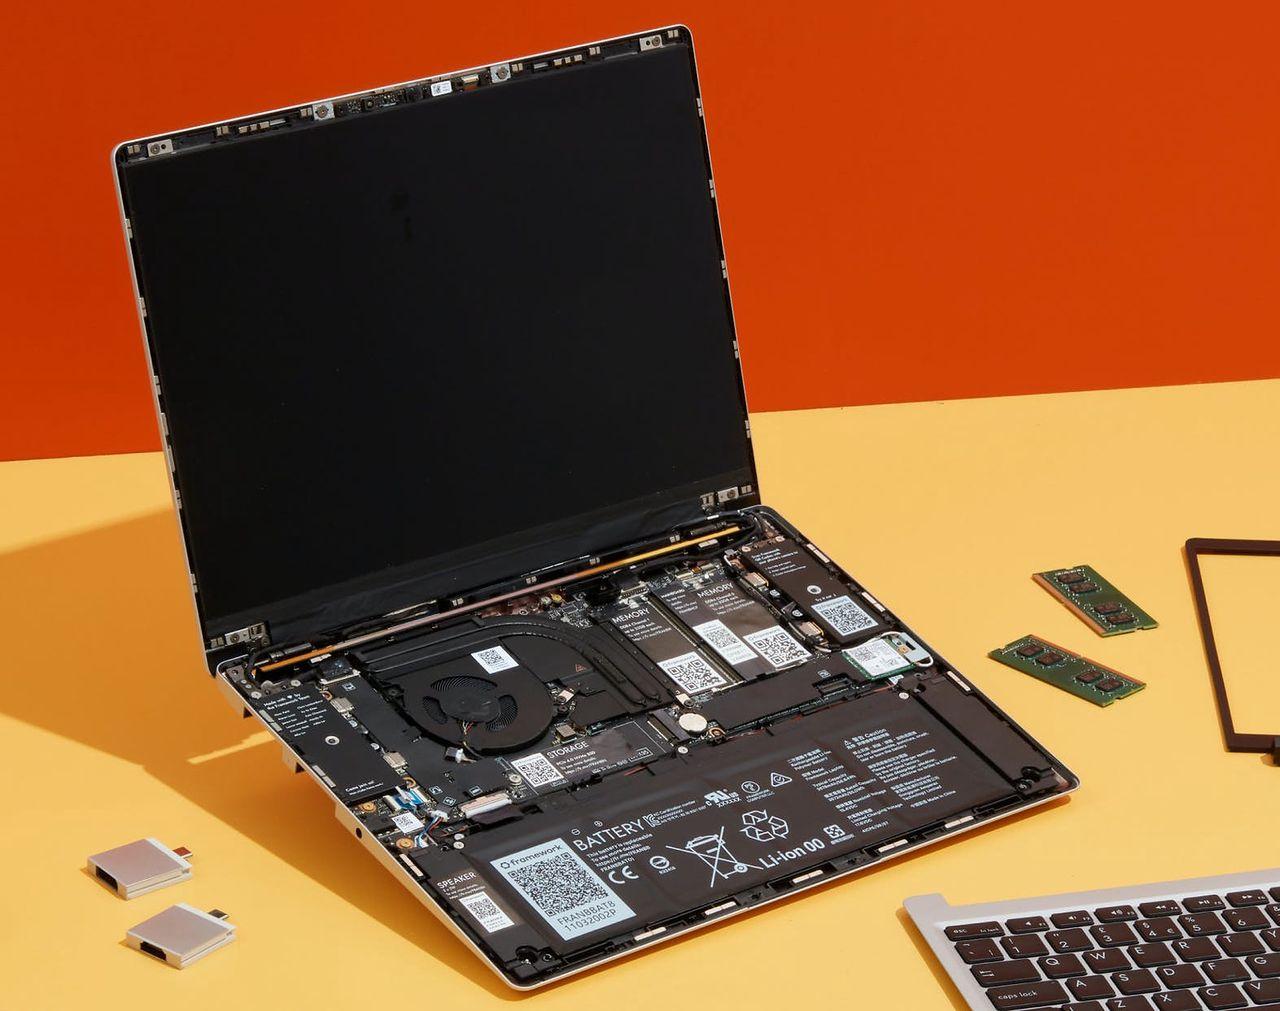 Framework Laptop: Kto nie chce, żebyś mógł naprawić swojego notebooka? (opinia) - Framework Laptop